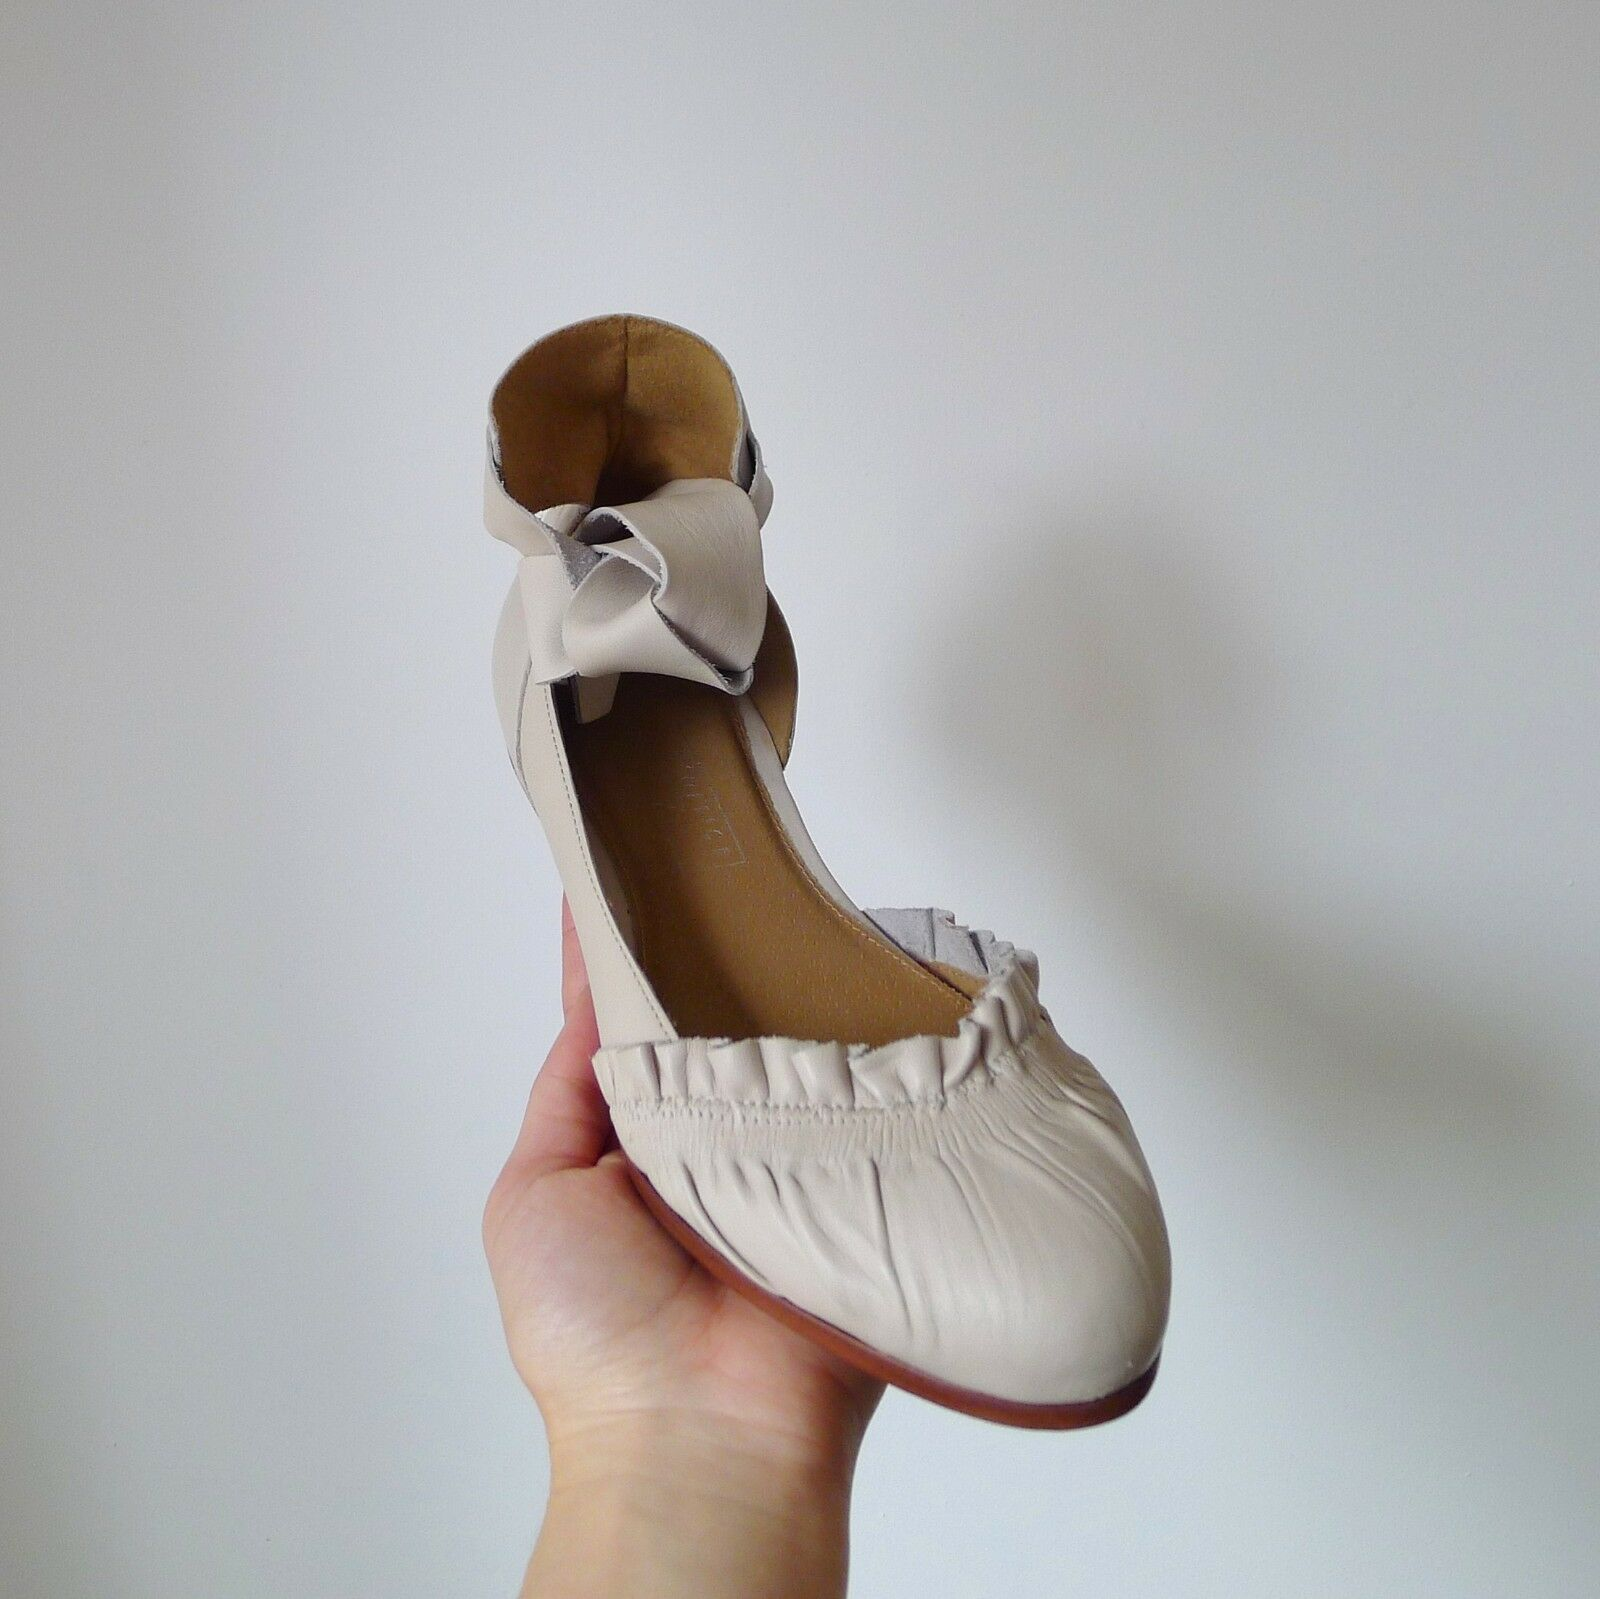 Ufficio color crema avorio Ruffle Balletto Cravatta alla caviglia in pelle flat shoes 4 37 Nuovo con Scatola